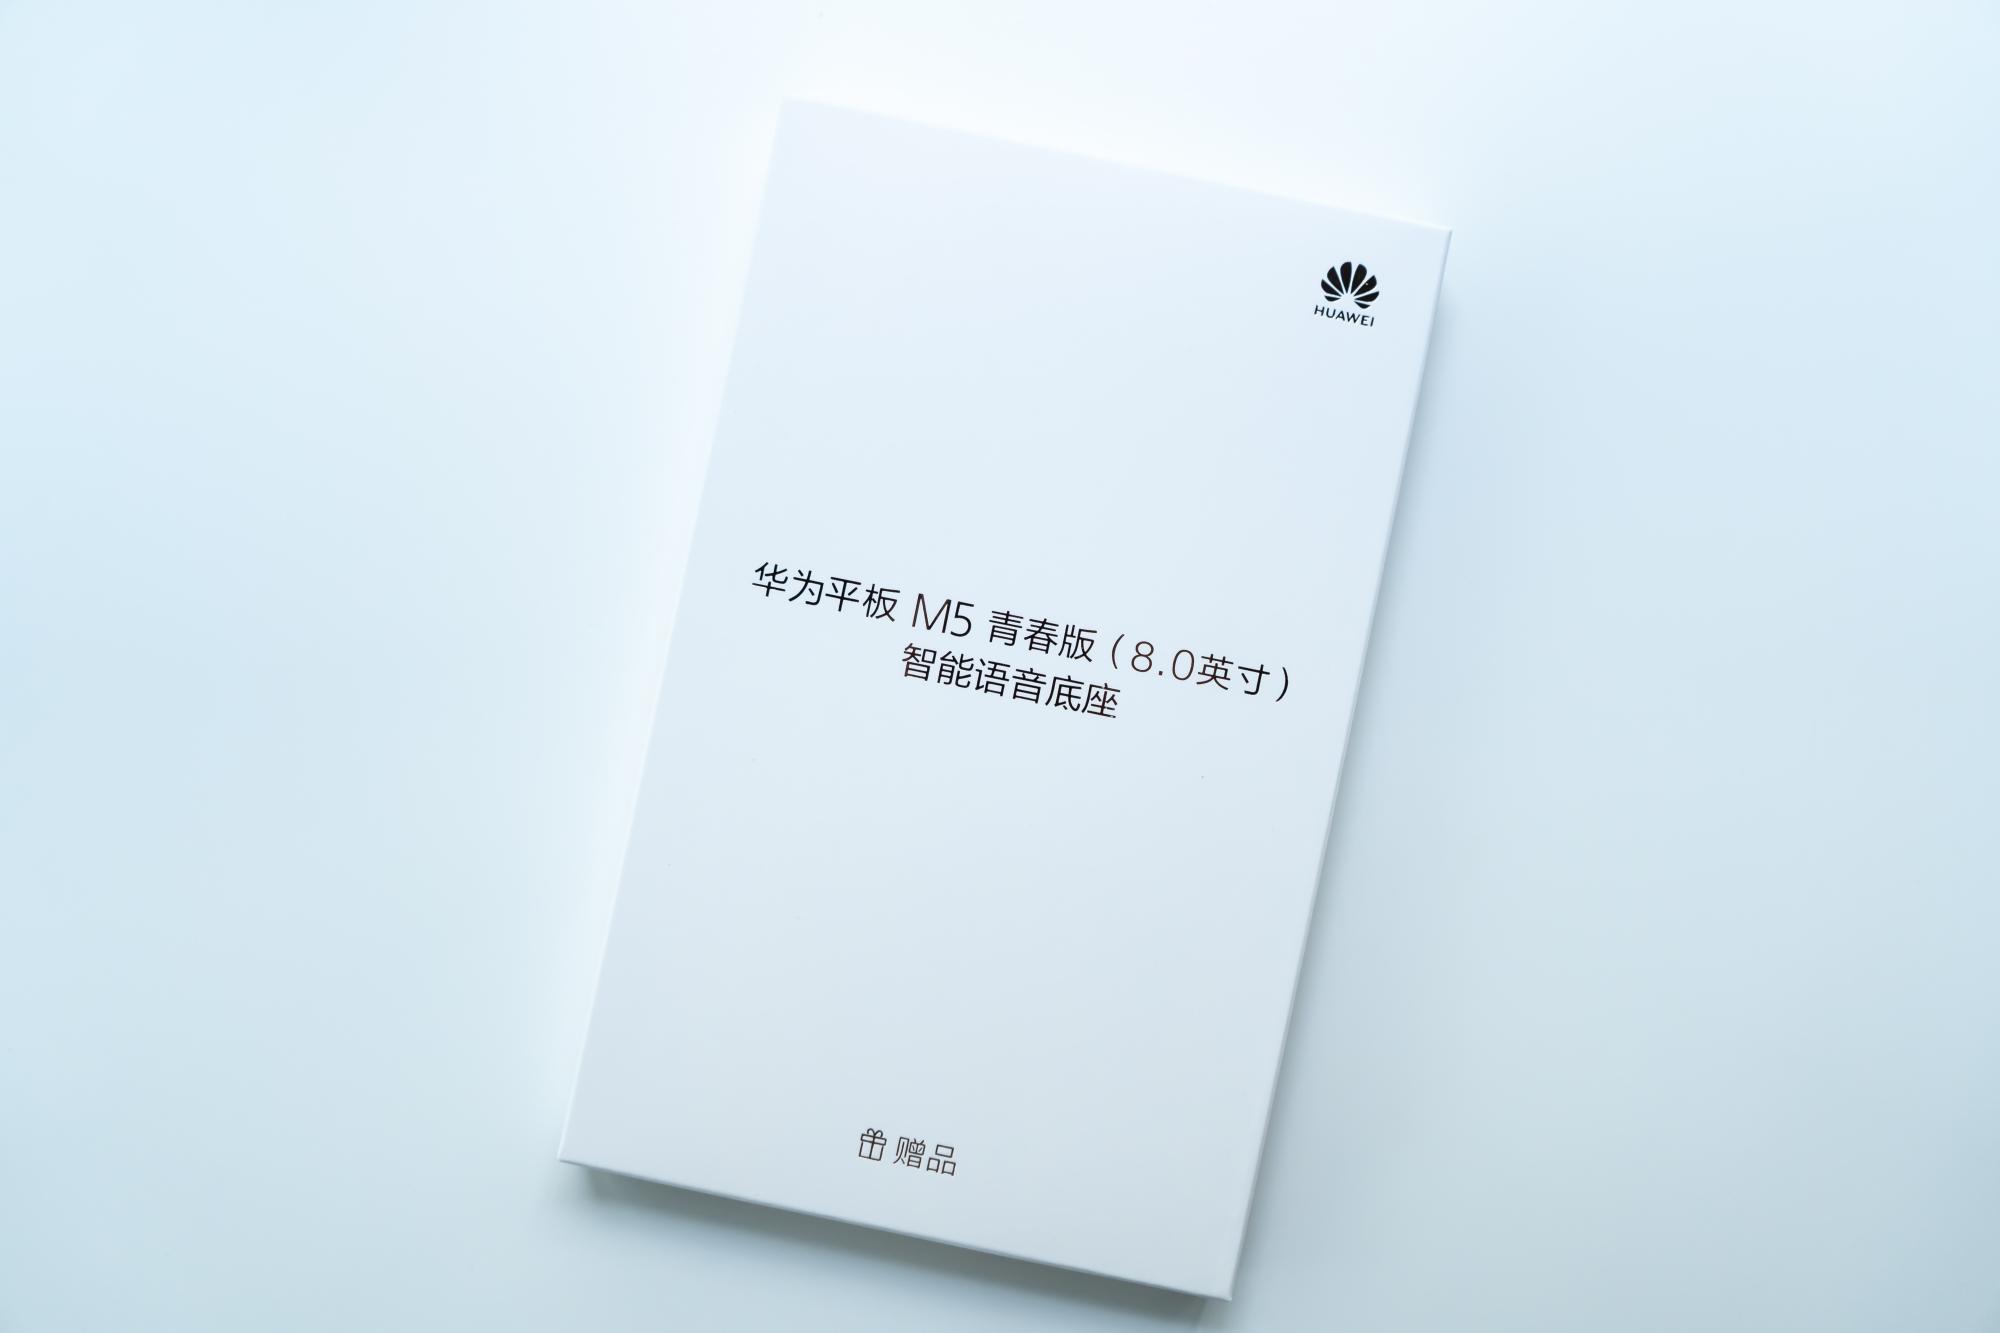 华为平板M5青春版8.0寸-00380.jpg